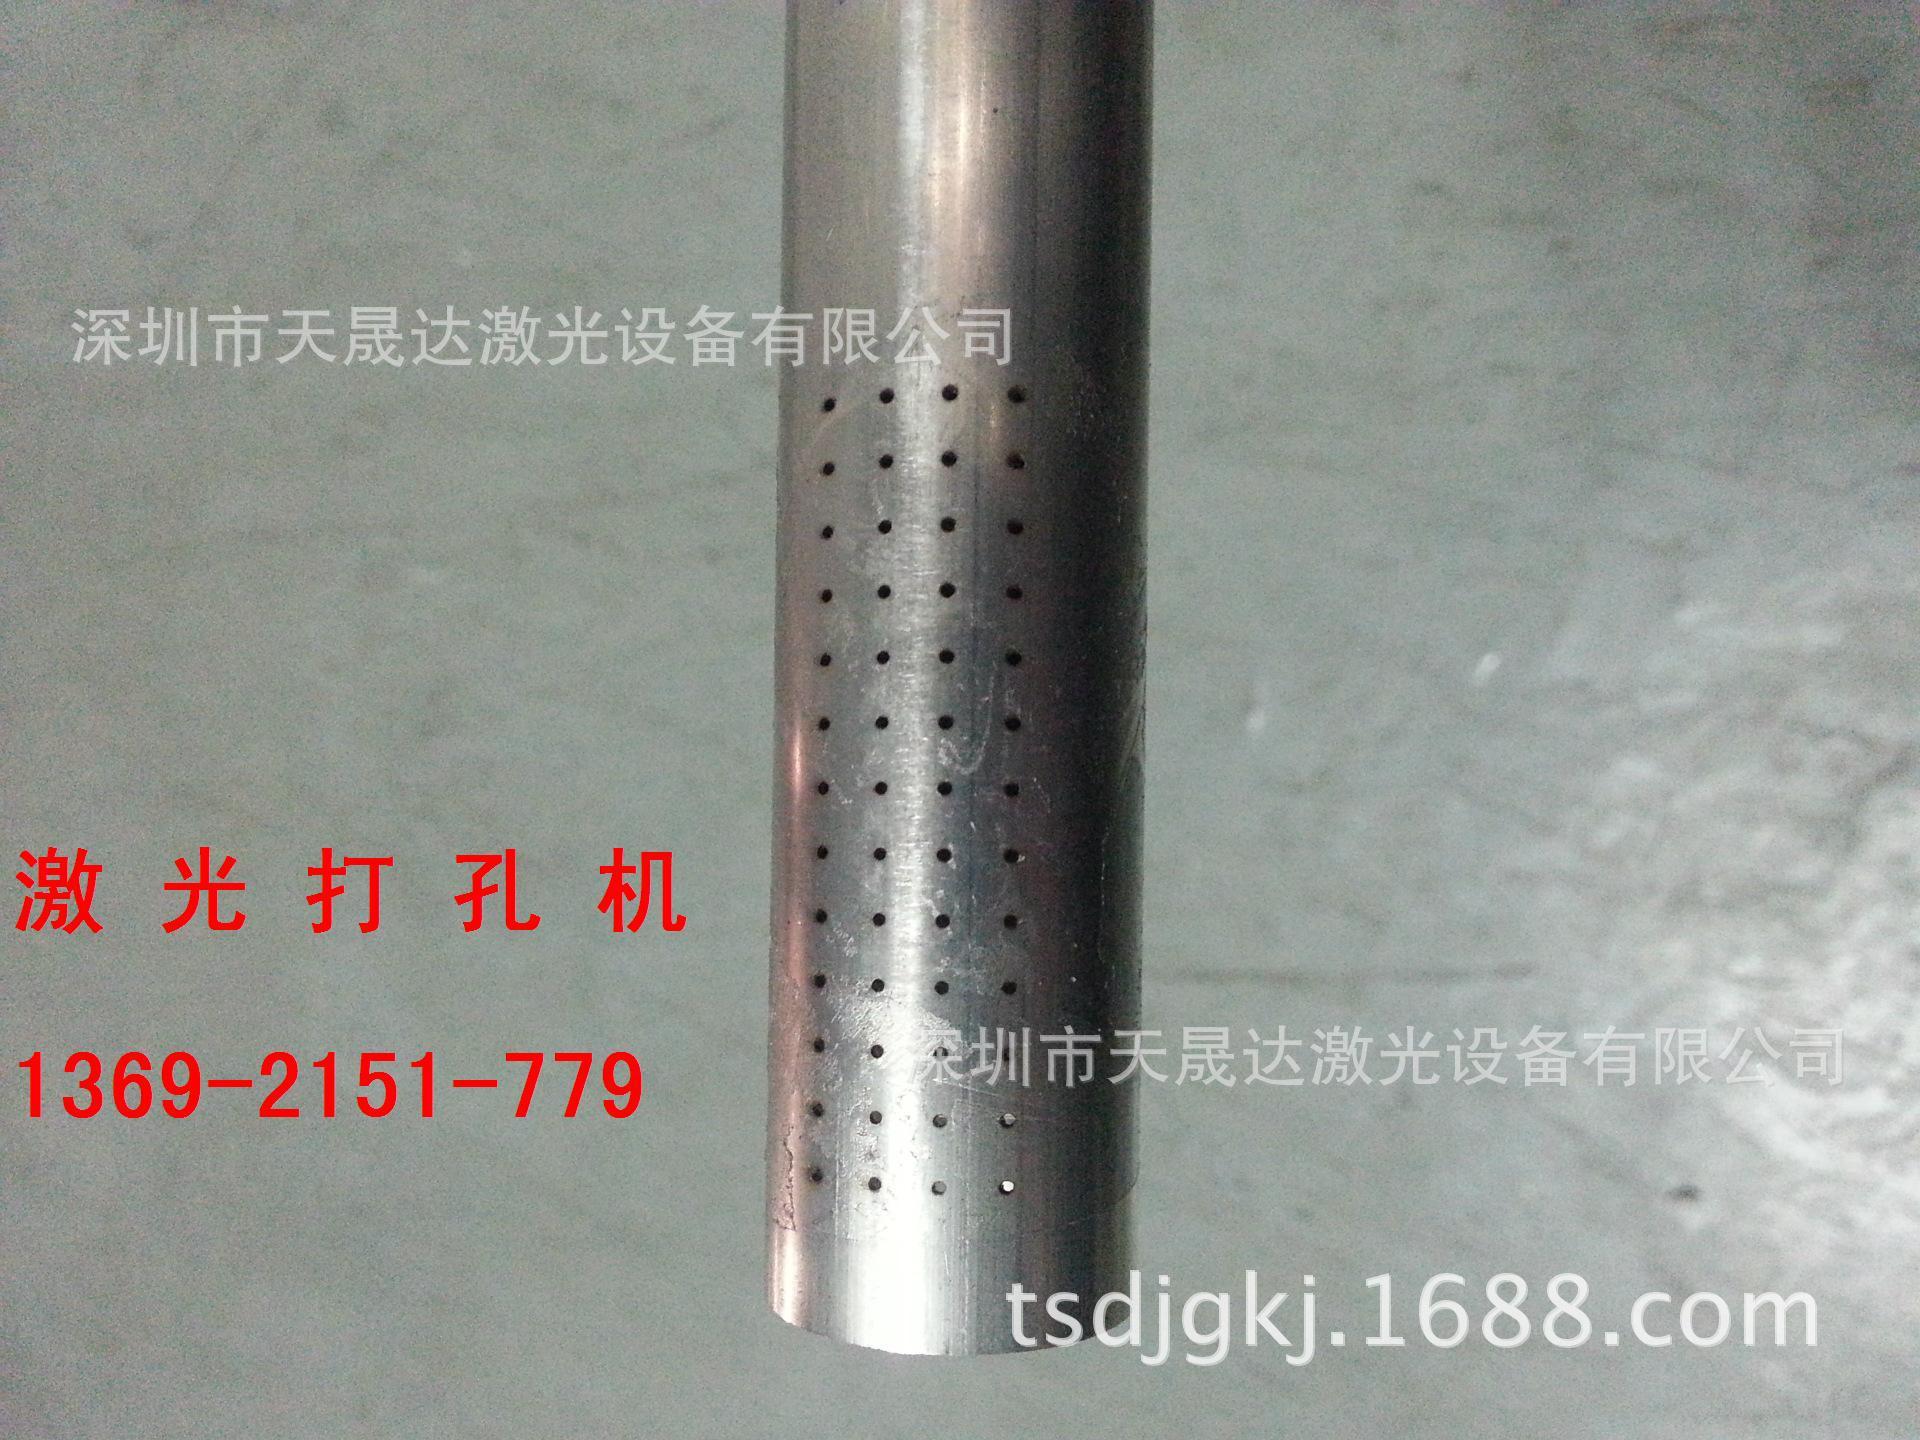 小型金属激光打孔机 金属管材激光打孔机 精密激光穿孔机